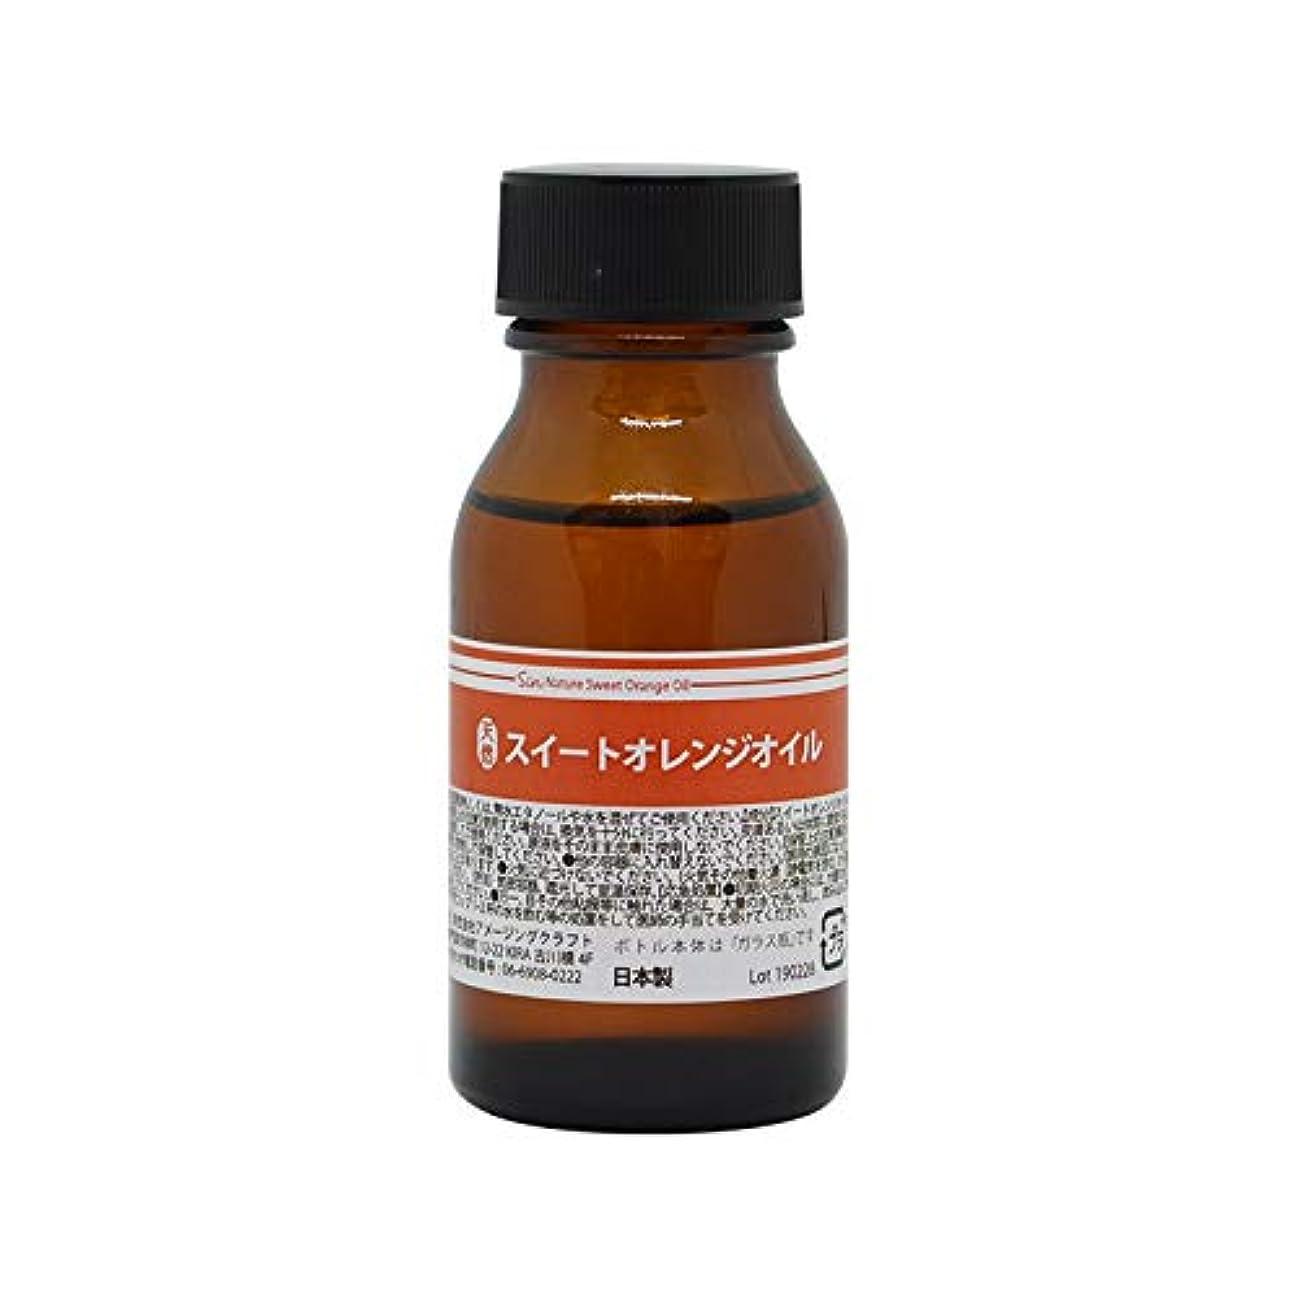 絞る理論的雄大な天然100% スイートオレンジオイル 50ml (オレンジスイート) エッセンシャルオイル